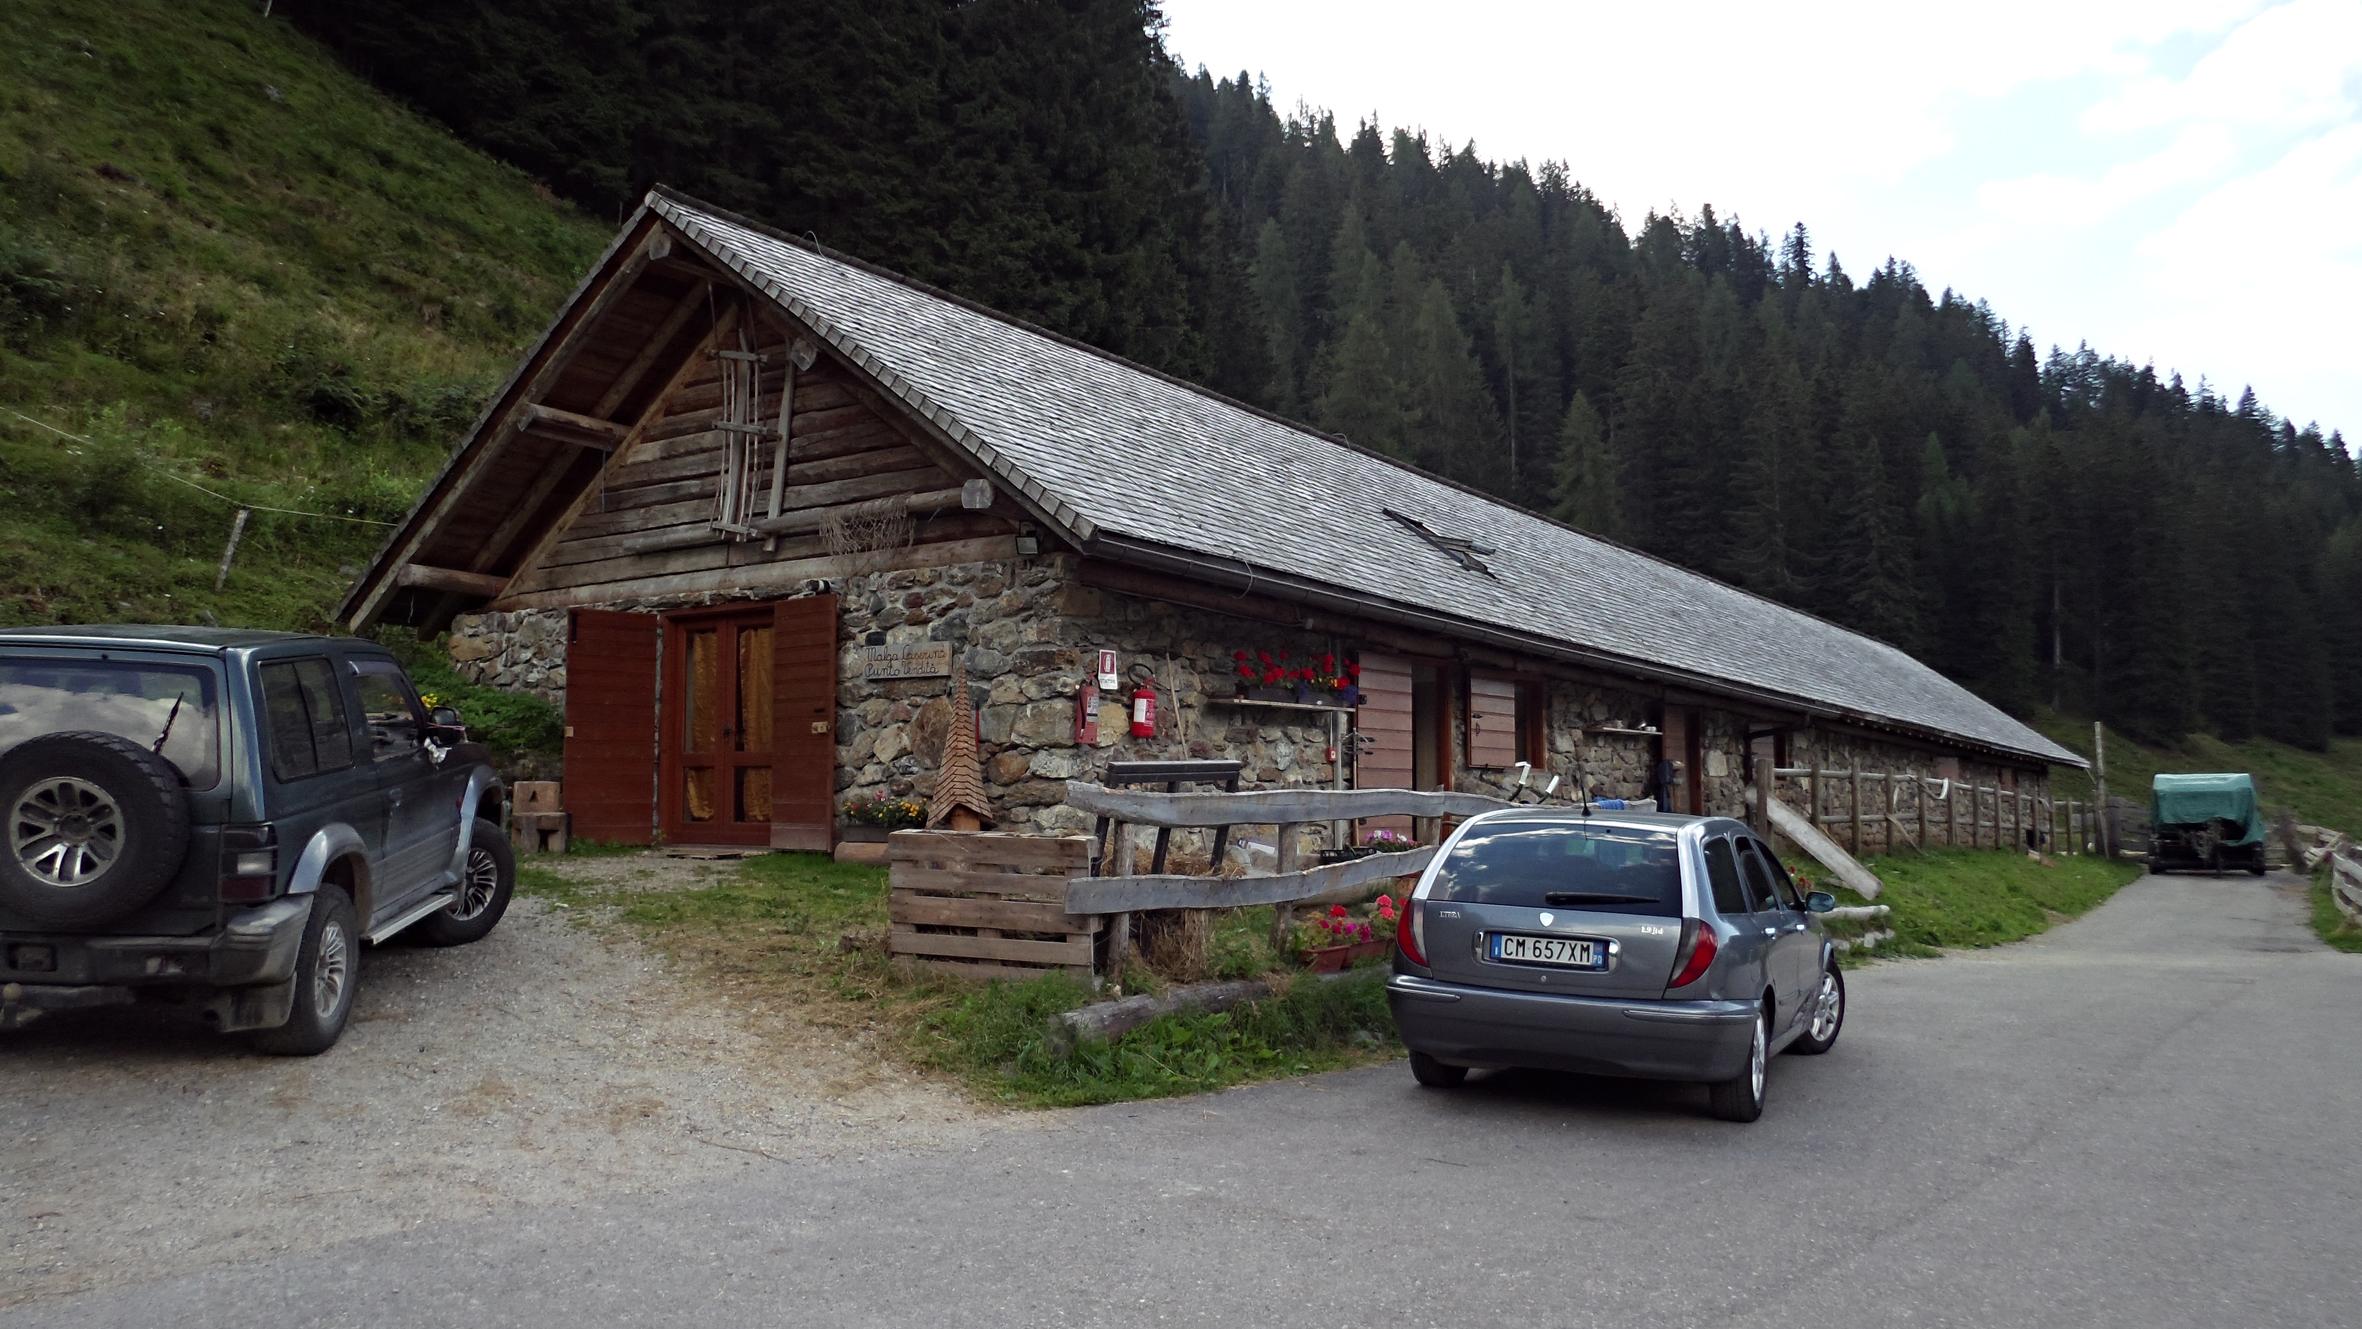 Malga Casarina in Val Campelle